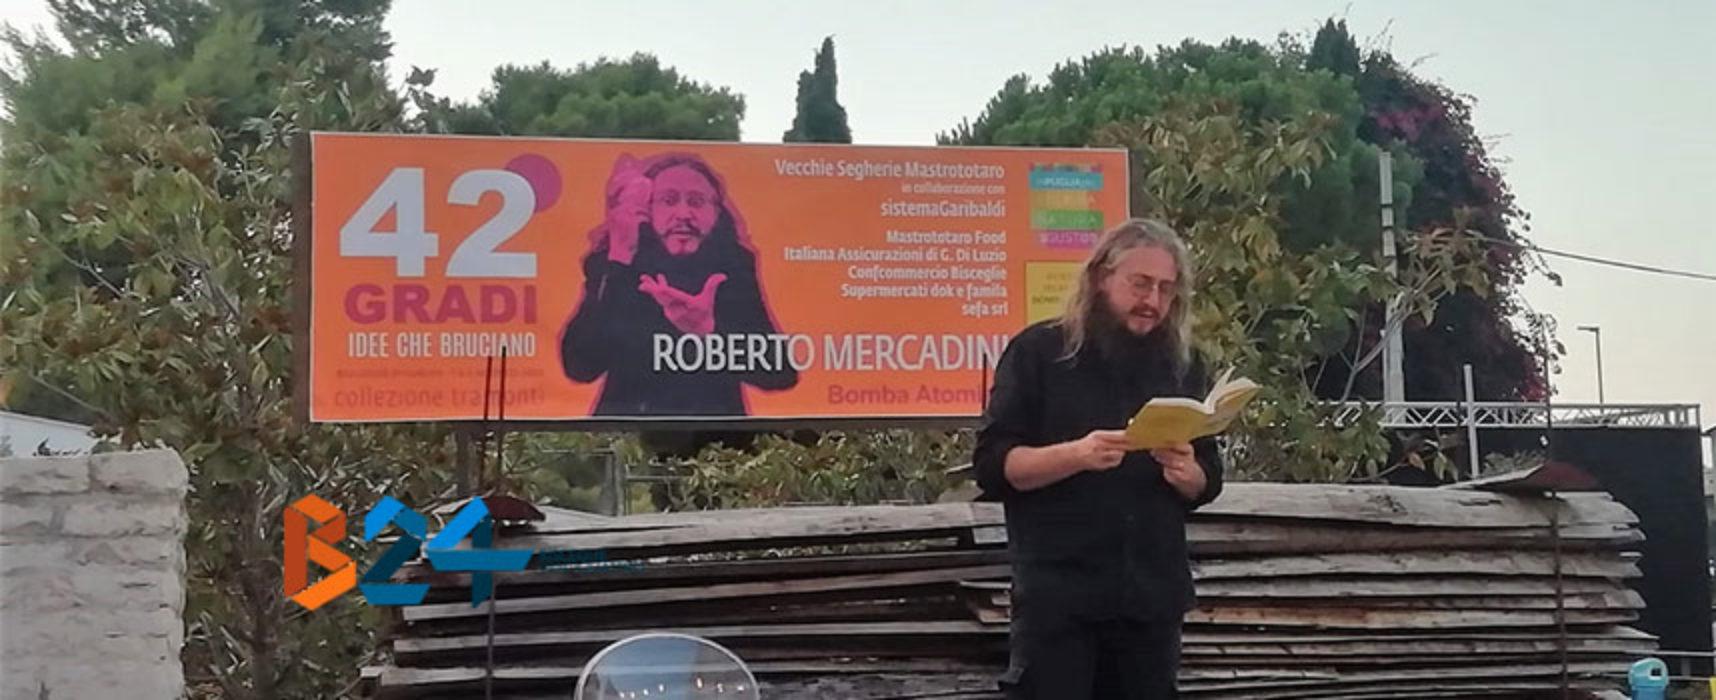 """Roberto Mercadini apre la rassegna """"42 gradi"""" con il suo """"Bomba atomica"""""""